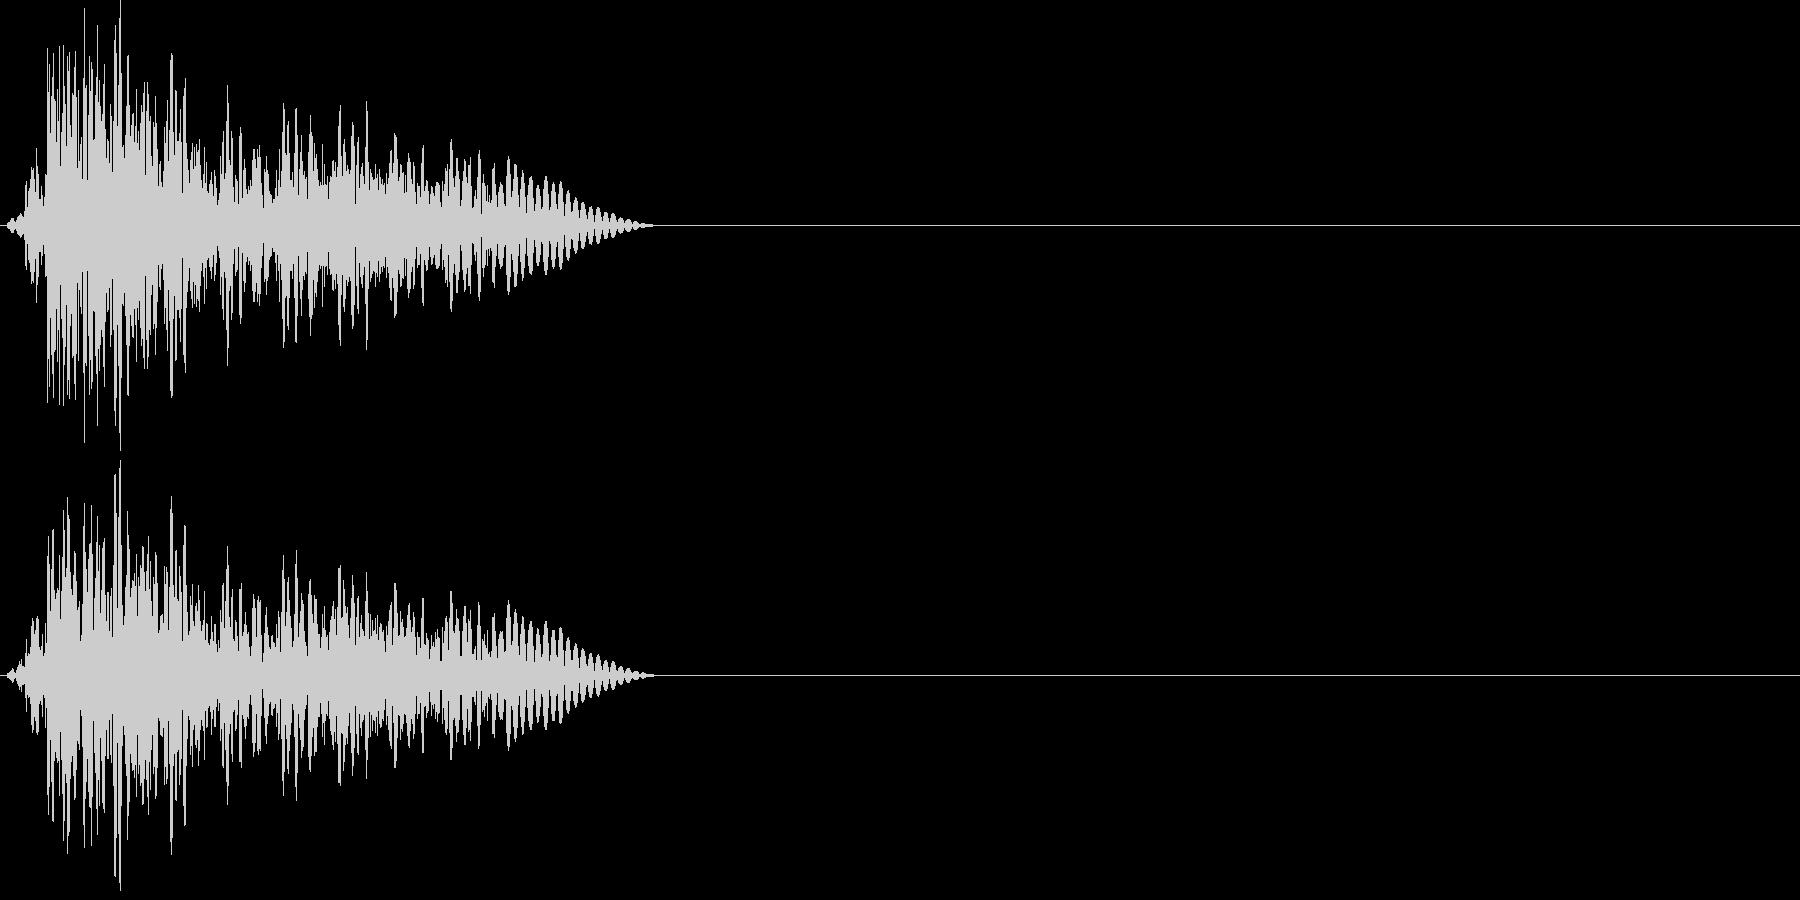 アコースティックギターの音2の未再生の波形